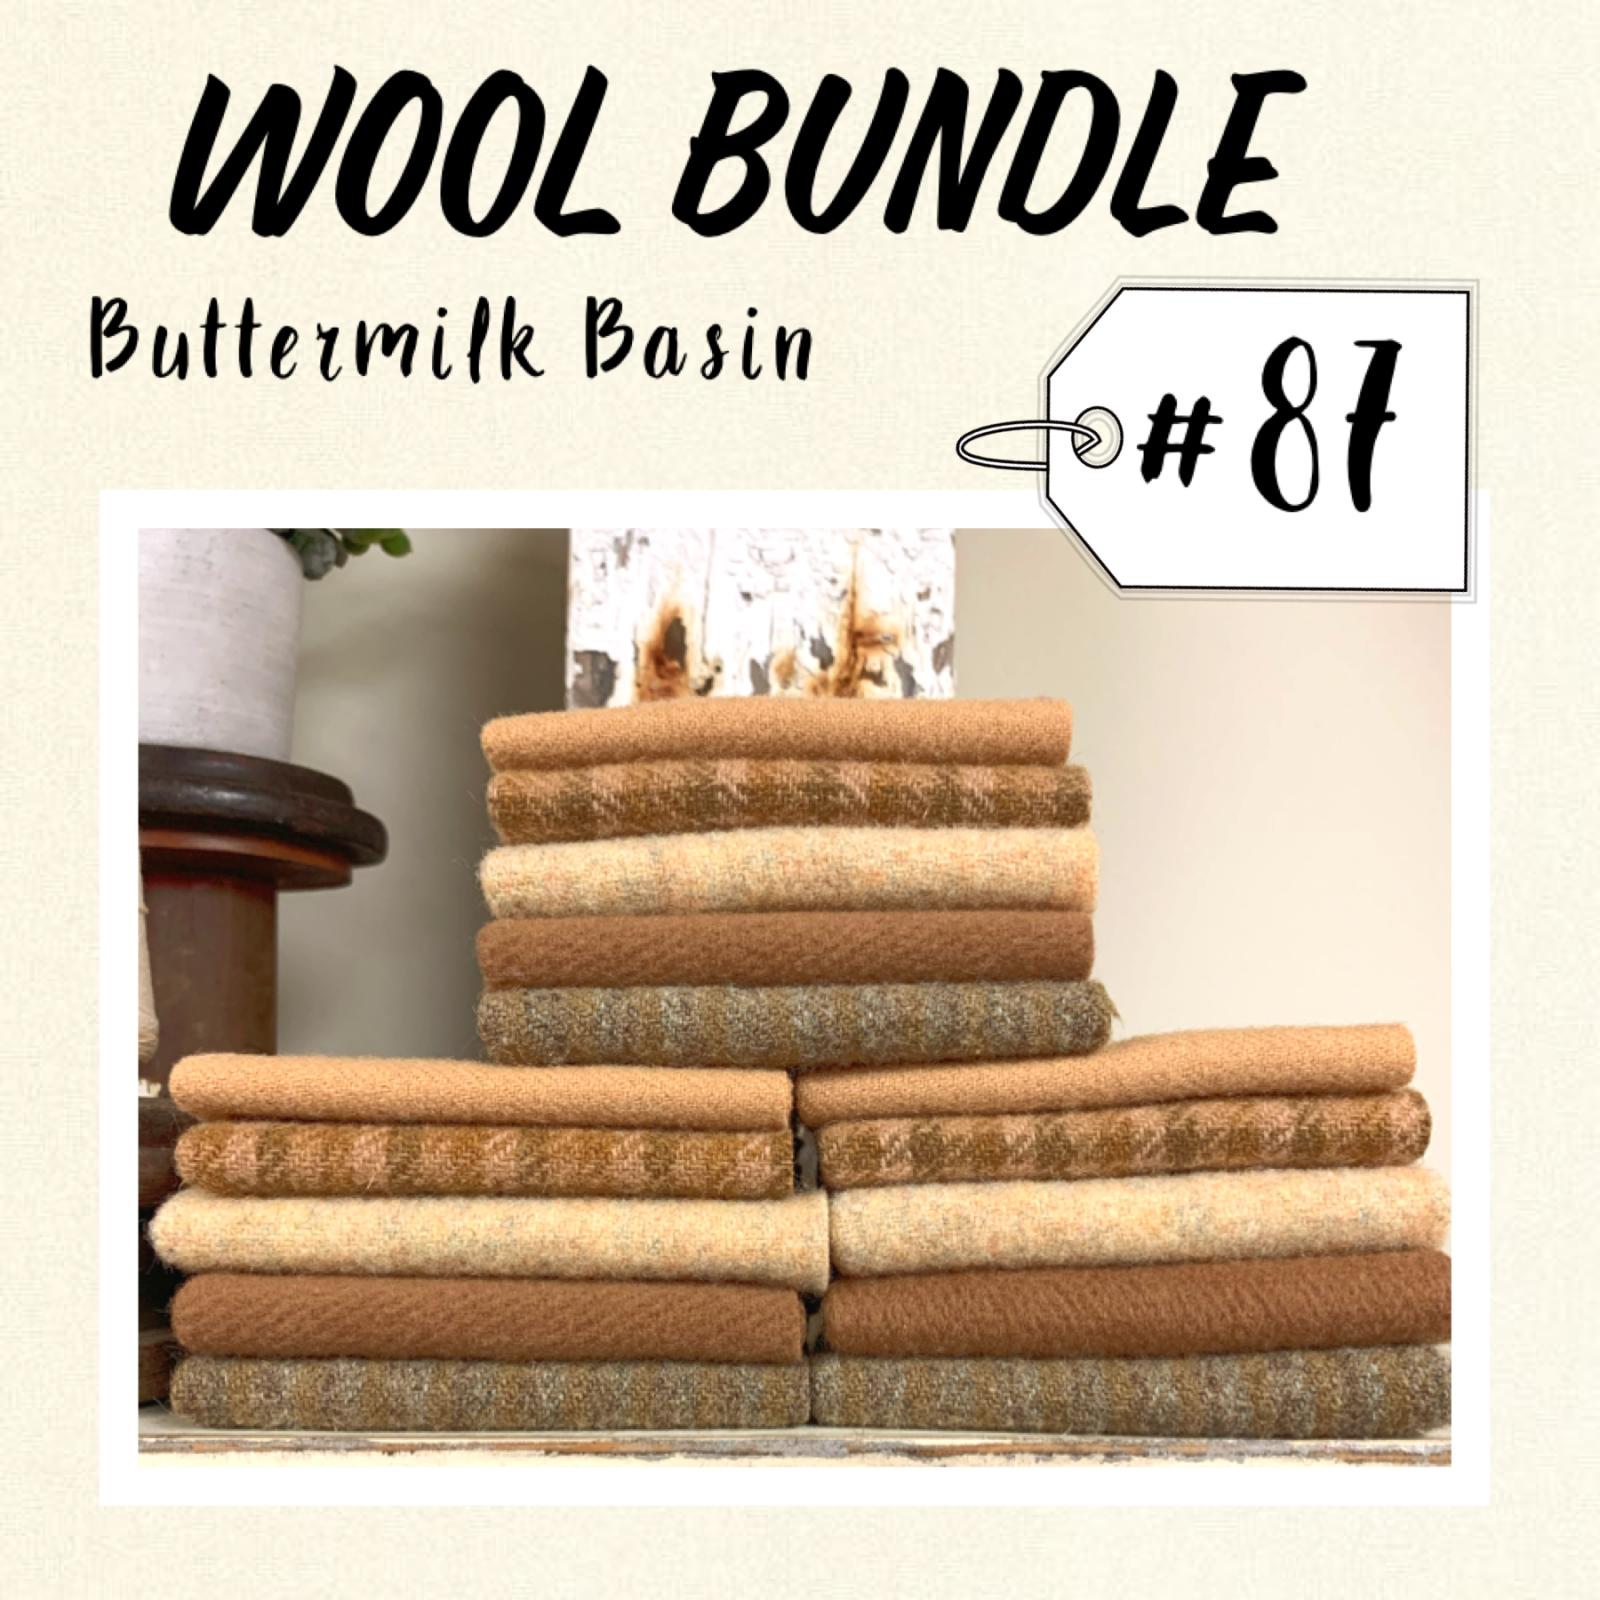 Wool Bundle #87